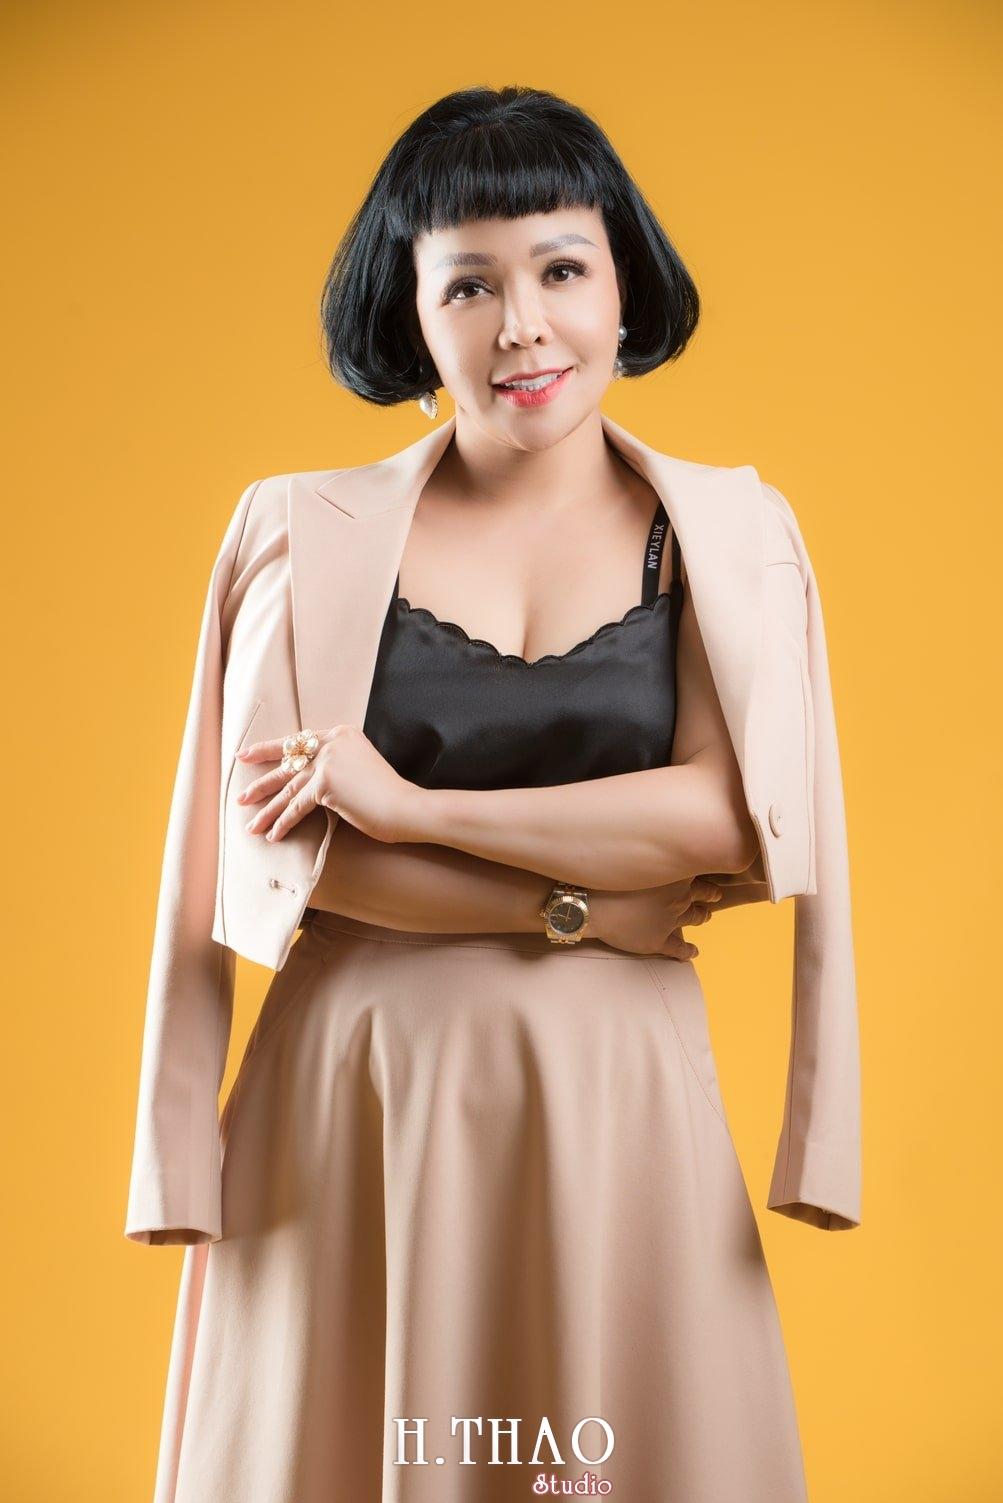 Doanh nhan dao tao 17 - Album nữ doanh nhân ngành đào tạo giải pháp Hoàng Dung